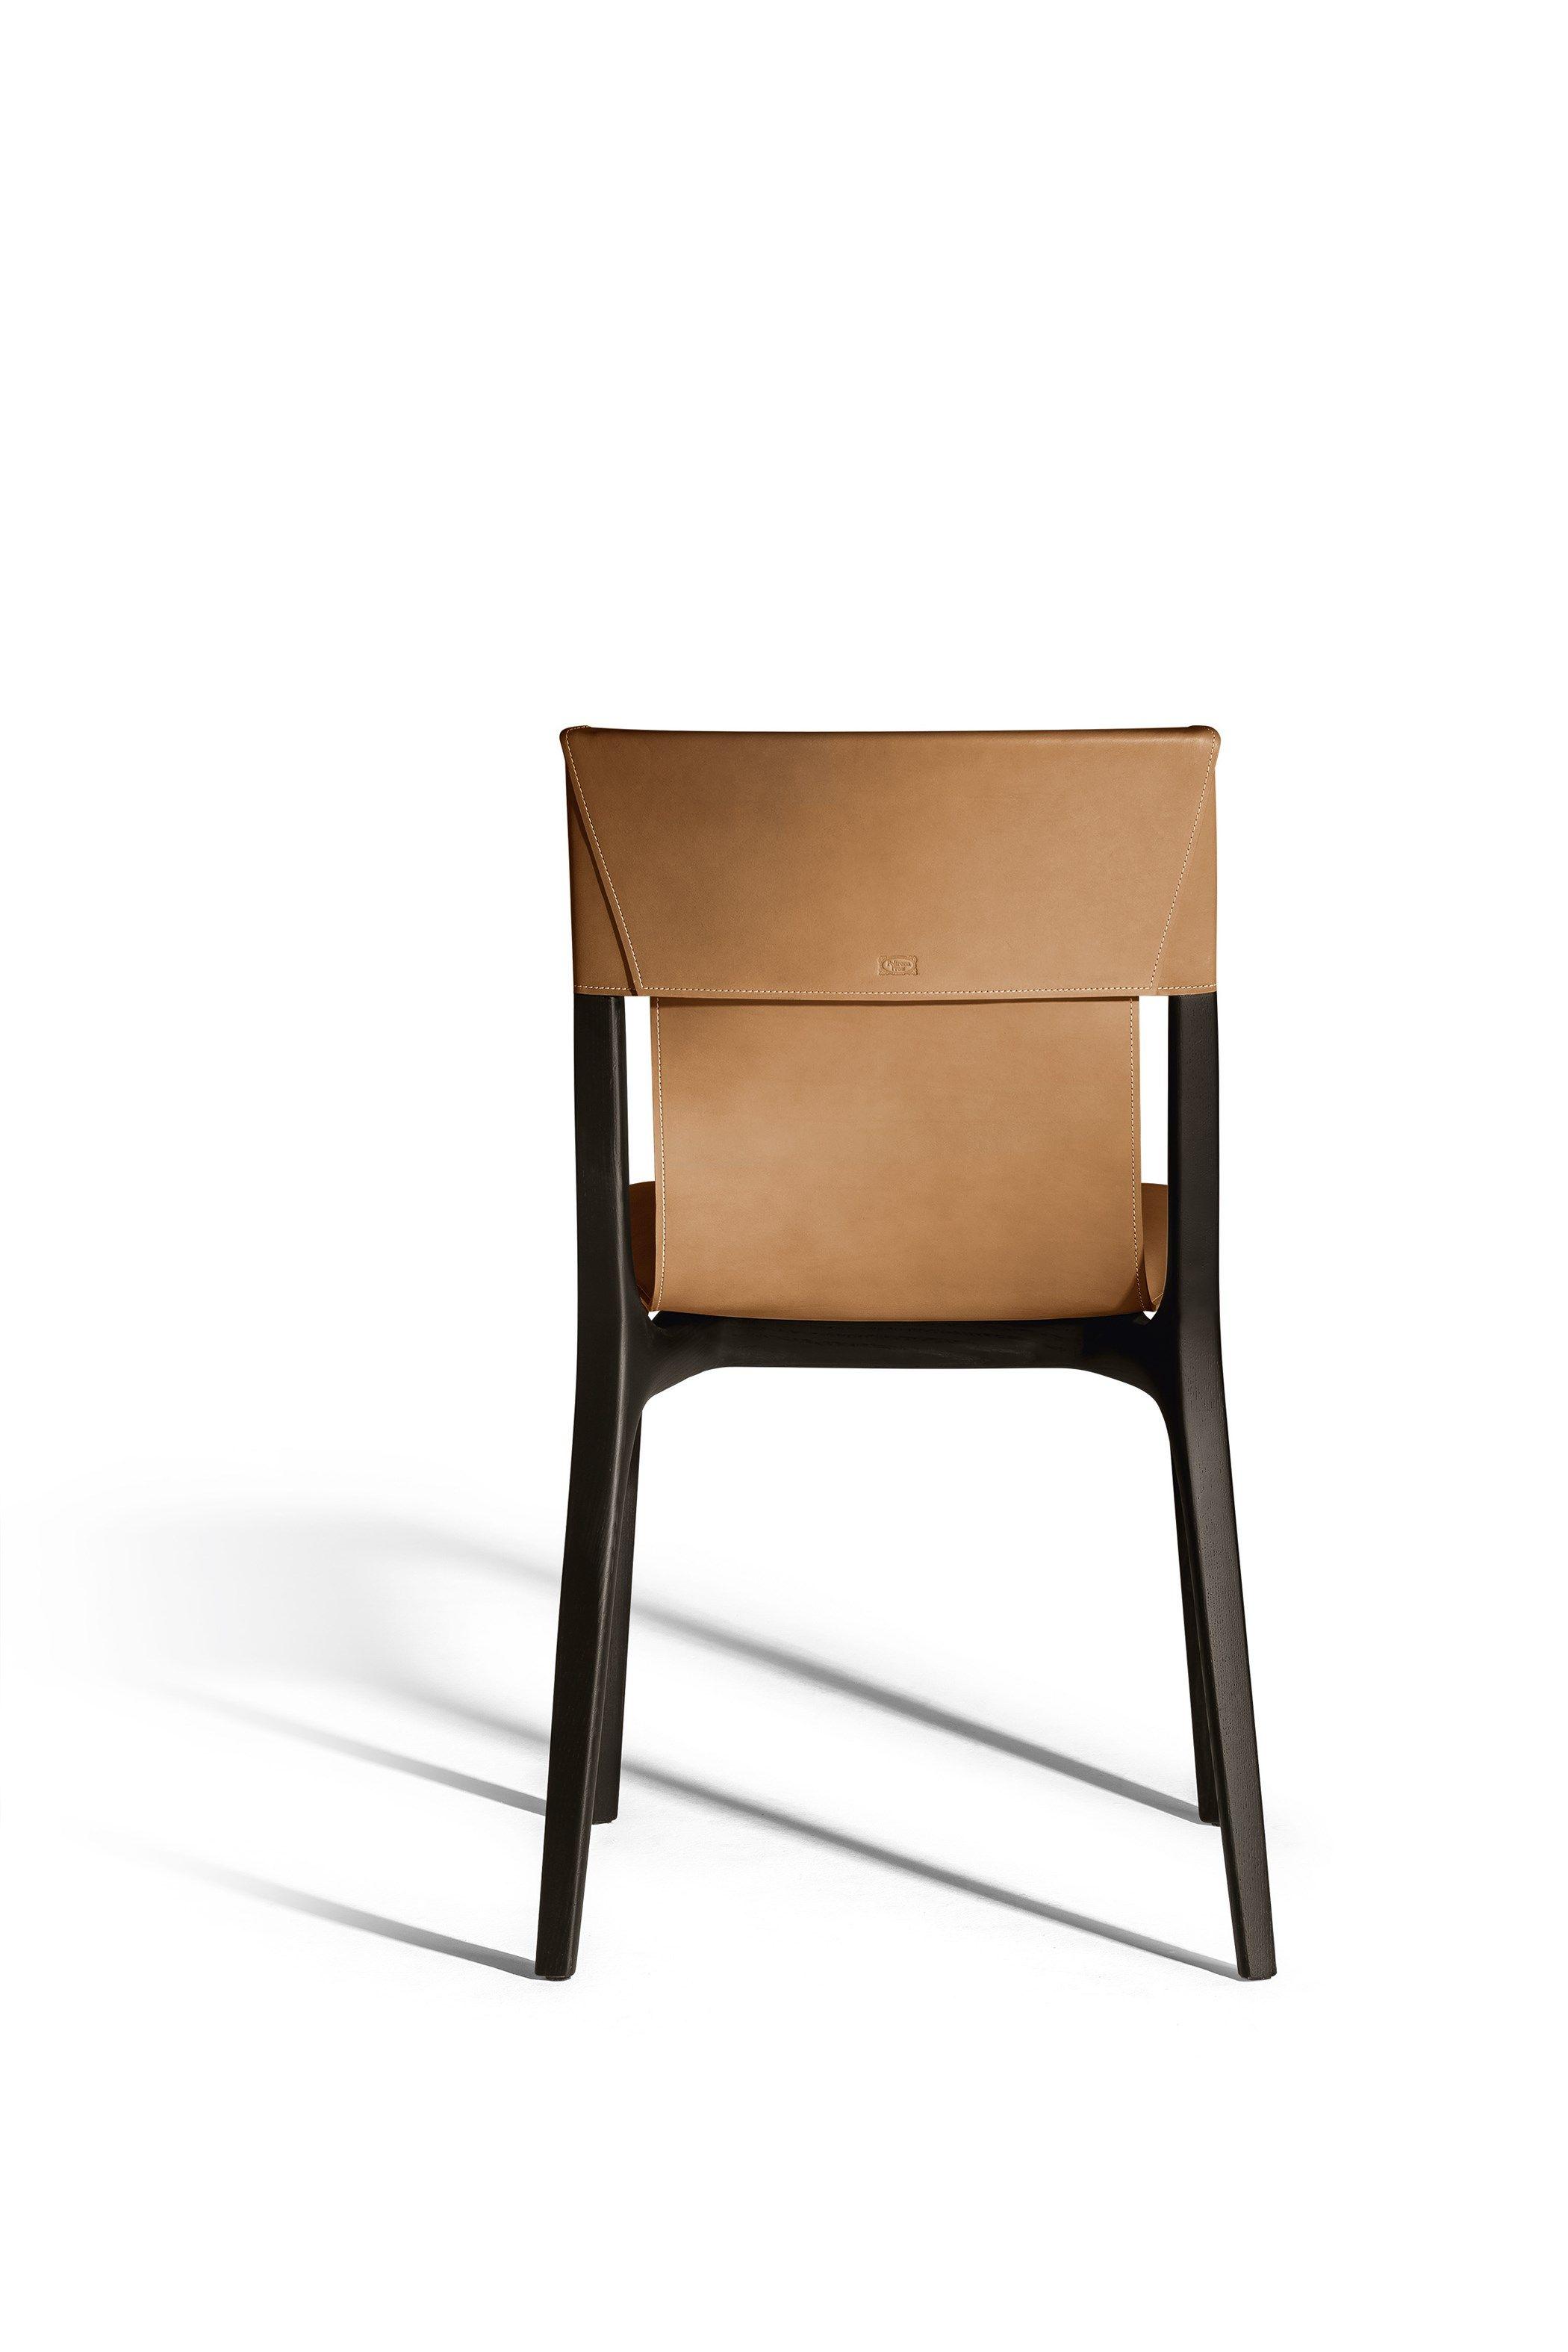 Letto Bluemoon Poltrona Frau Prezzo.Sedia In Cuoio Isadora By Poltrona Frau Design Roberto Lazzeroni